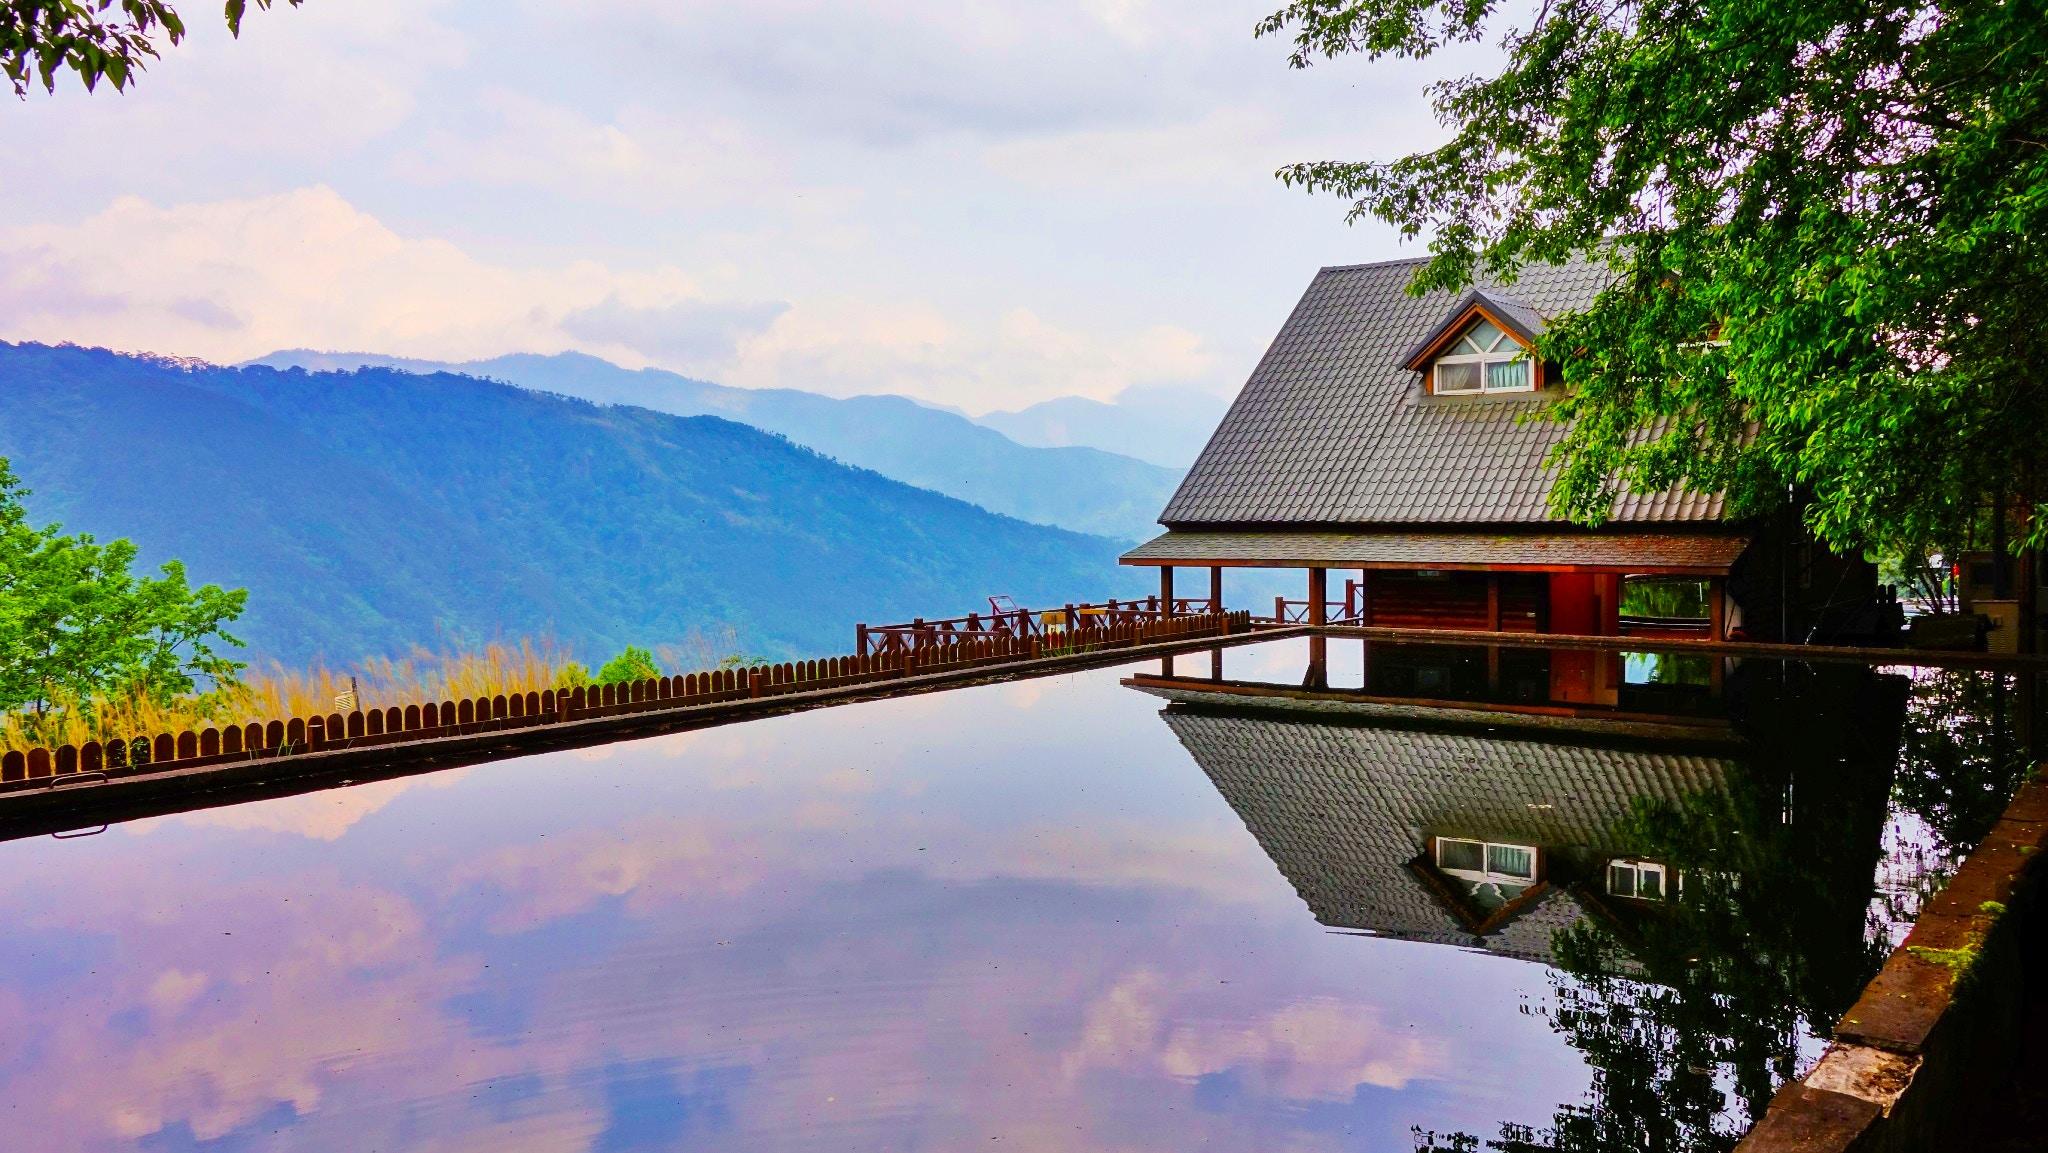 北投温泉が台湾で有名!台北からの観光やツアーも人気でおすすめ!